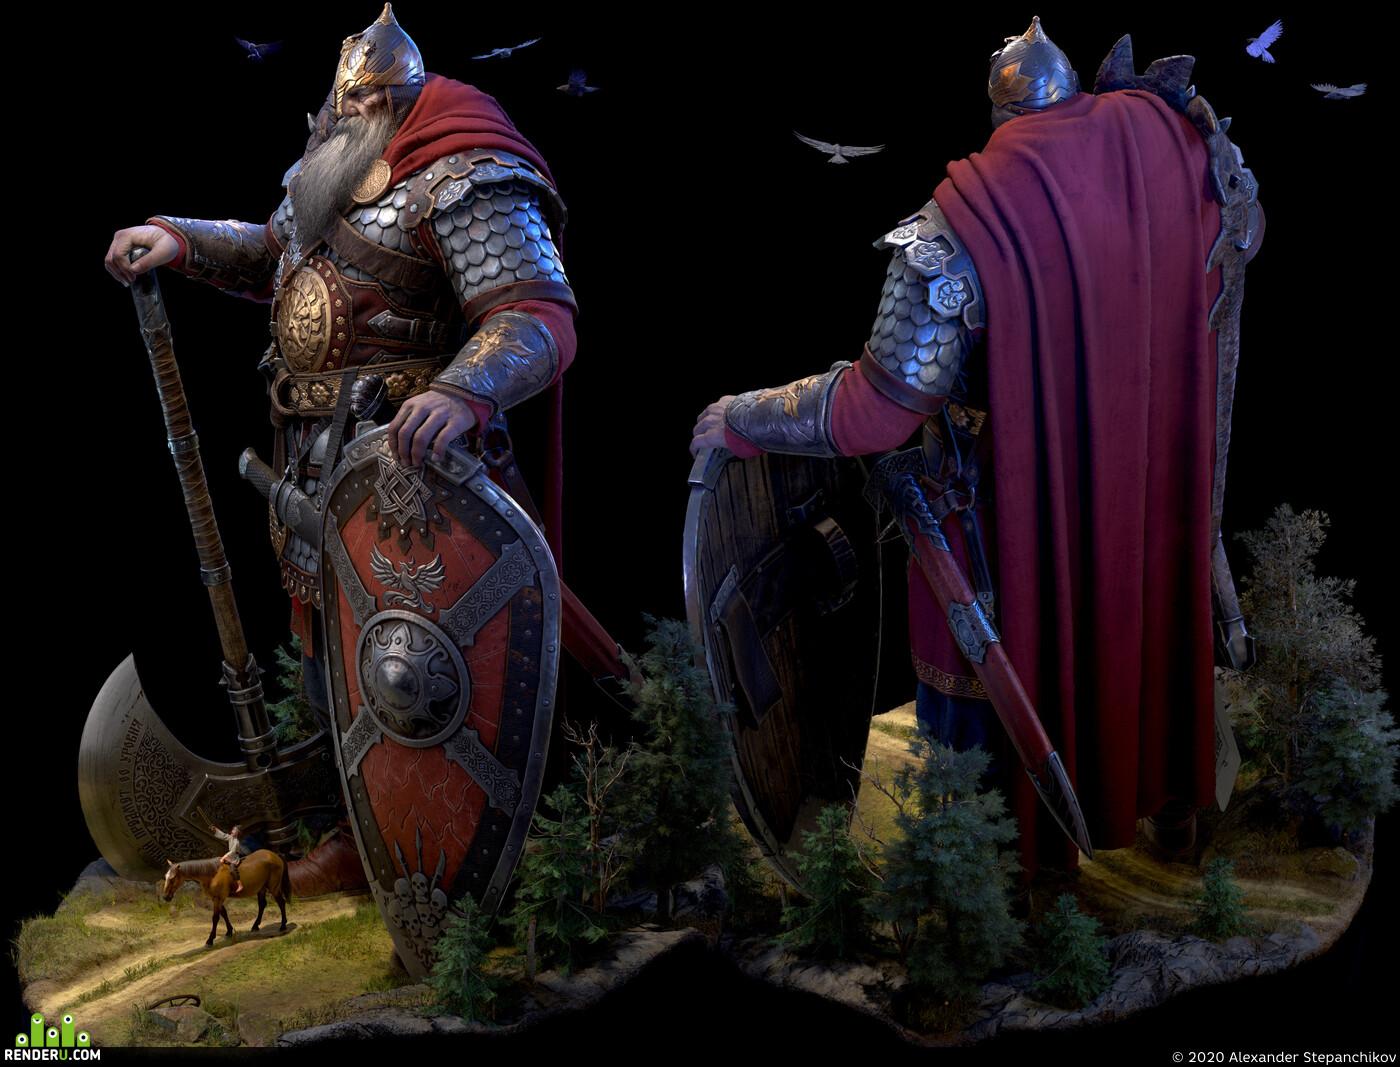 богатырь, Святогор, фентези, герой, Гигант, реалтайм, мифы, легенды, Лошадь, Пацан